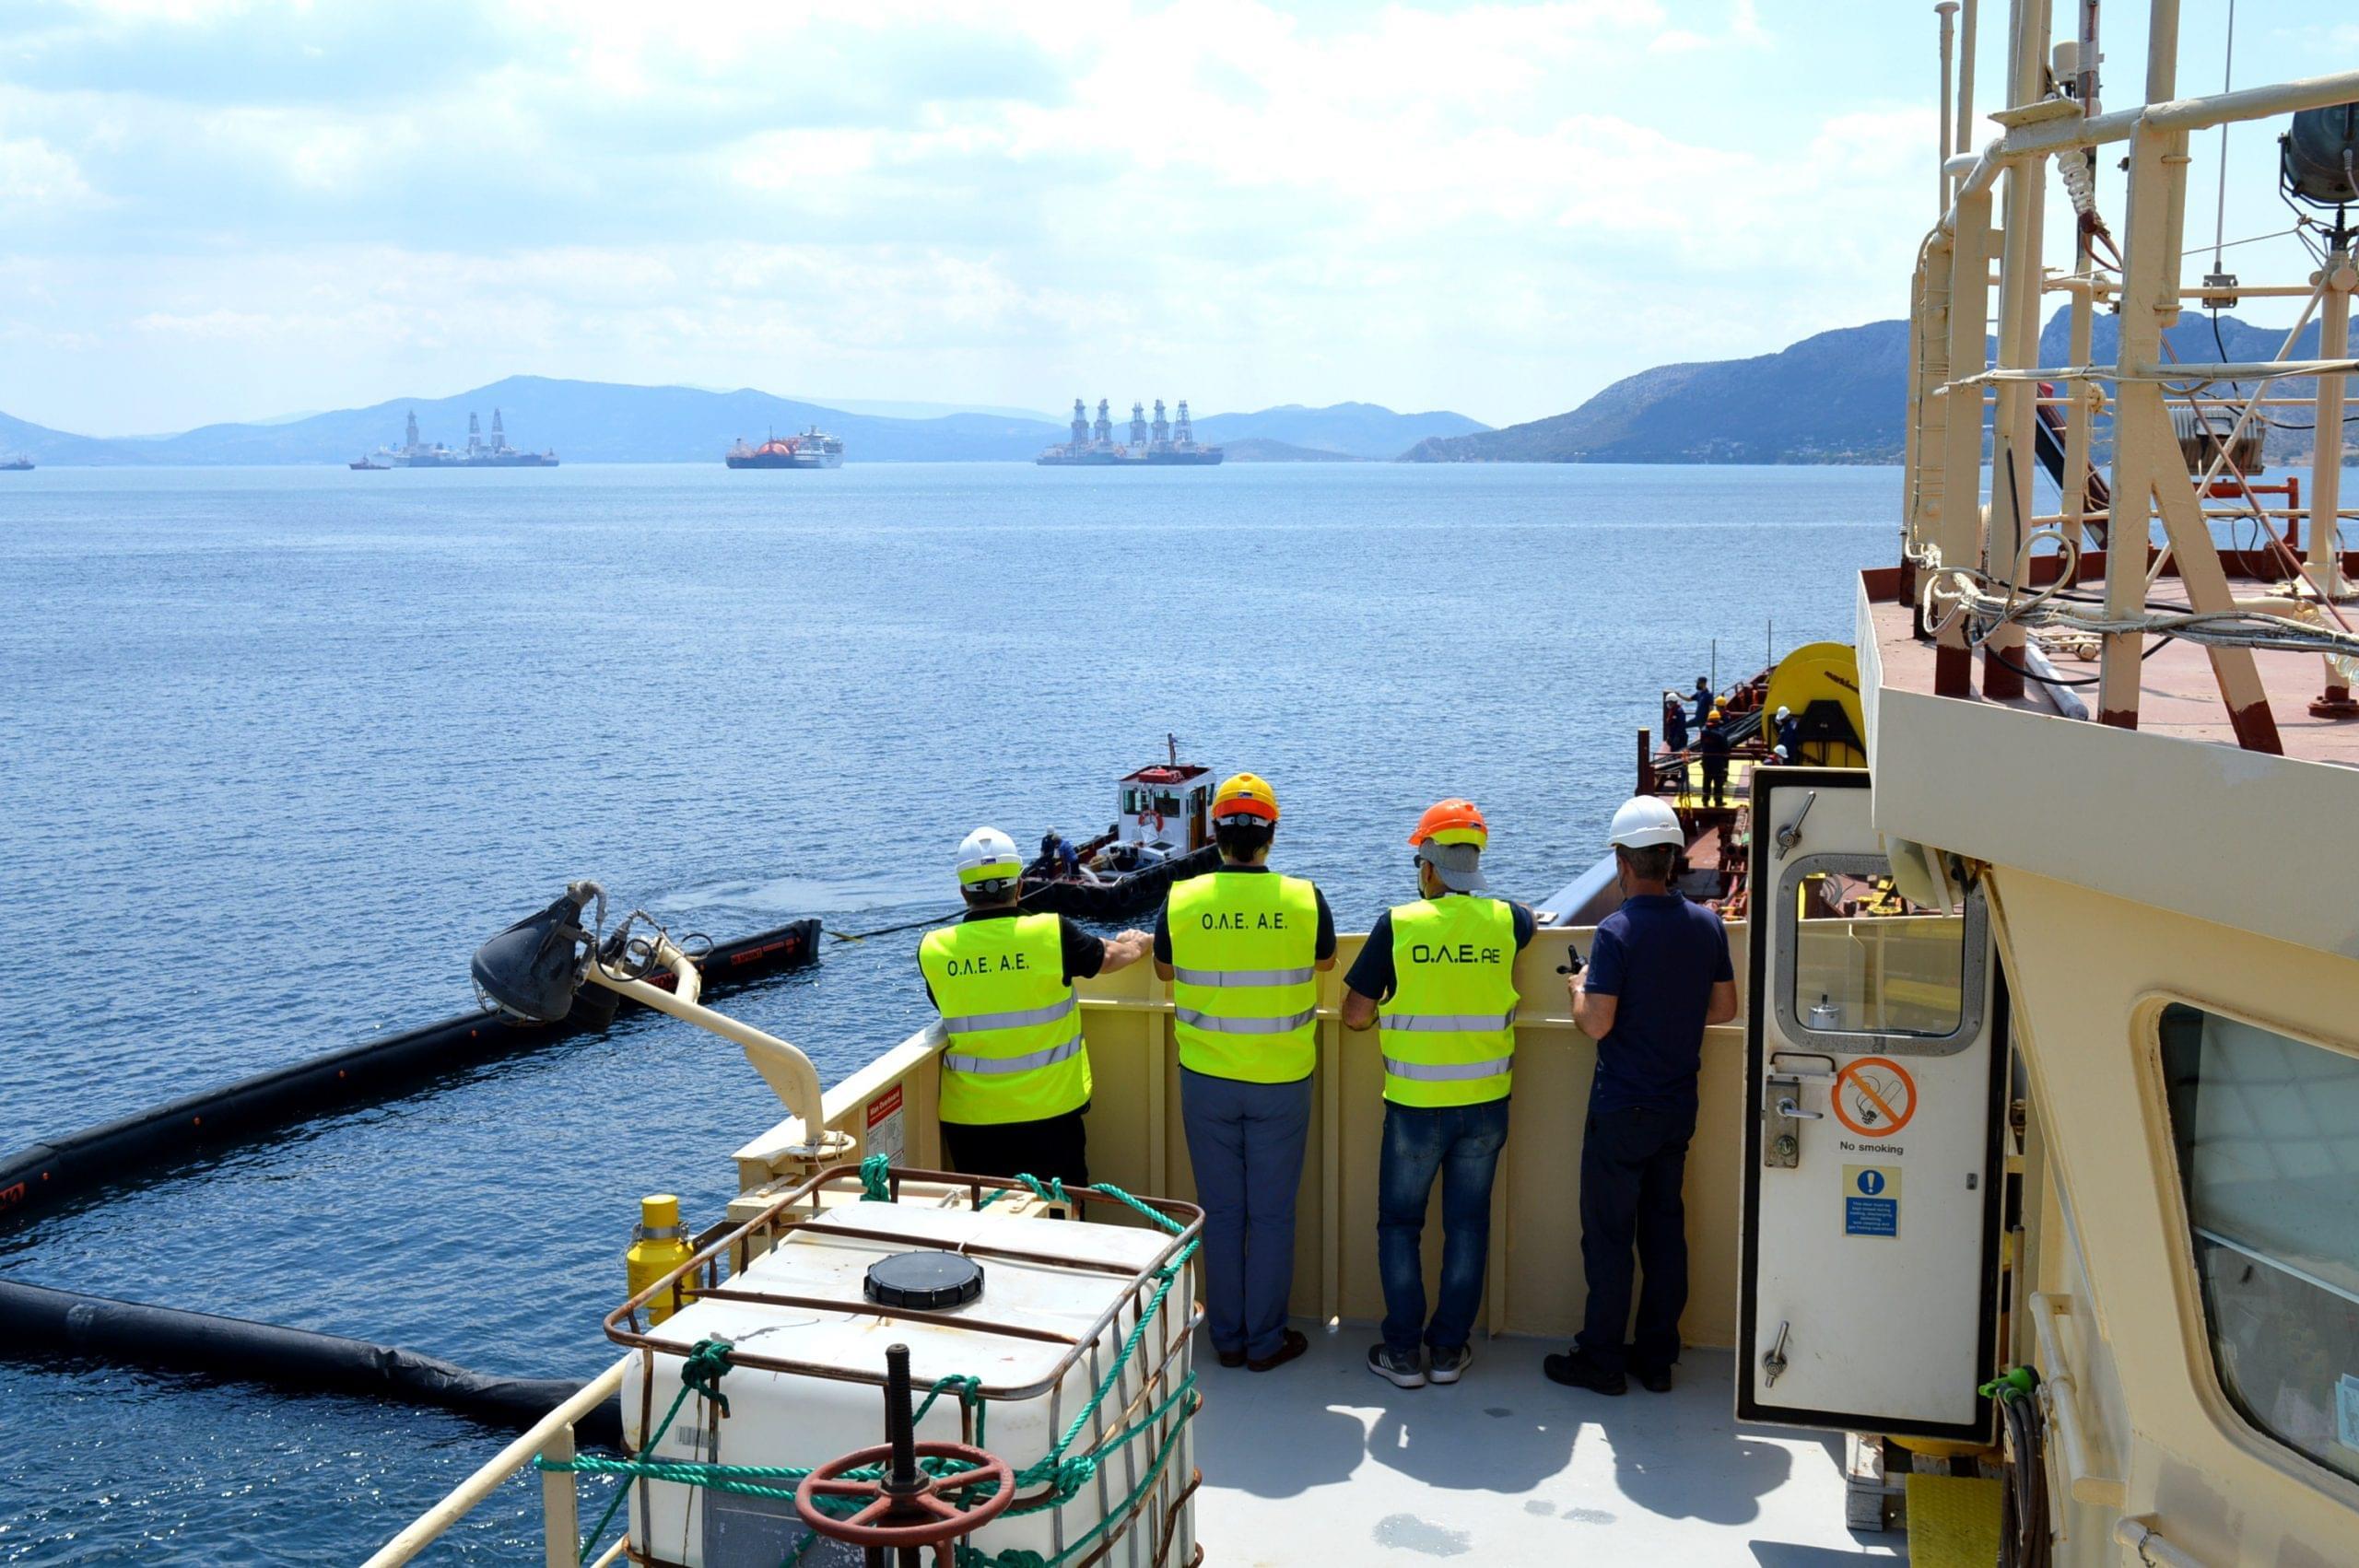 Συμμετοχή Ο.Λ.Ε. ΑΕ στην Άσκηση αντιμετώπισης θαλάσσιας ρύπανσης στον κόλπο της Ελευσίνας